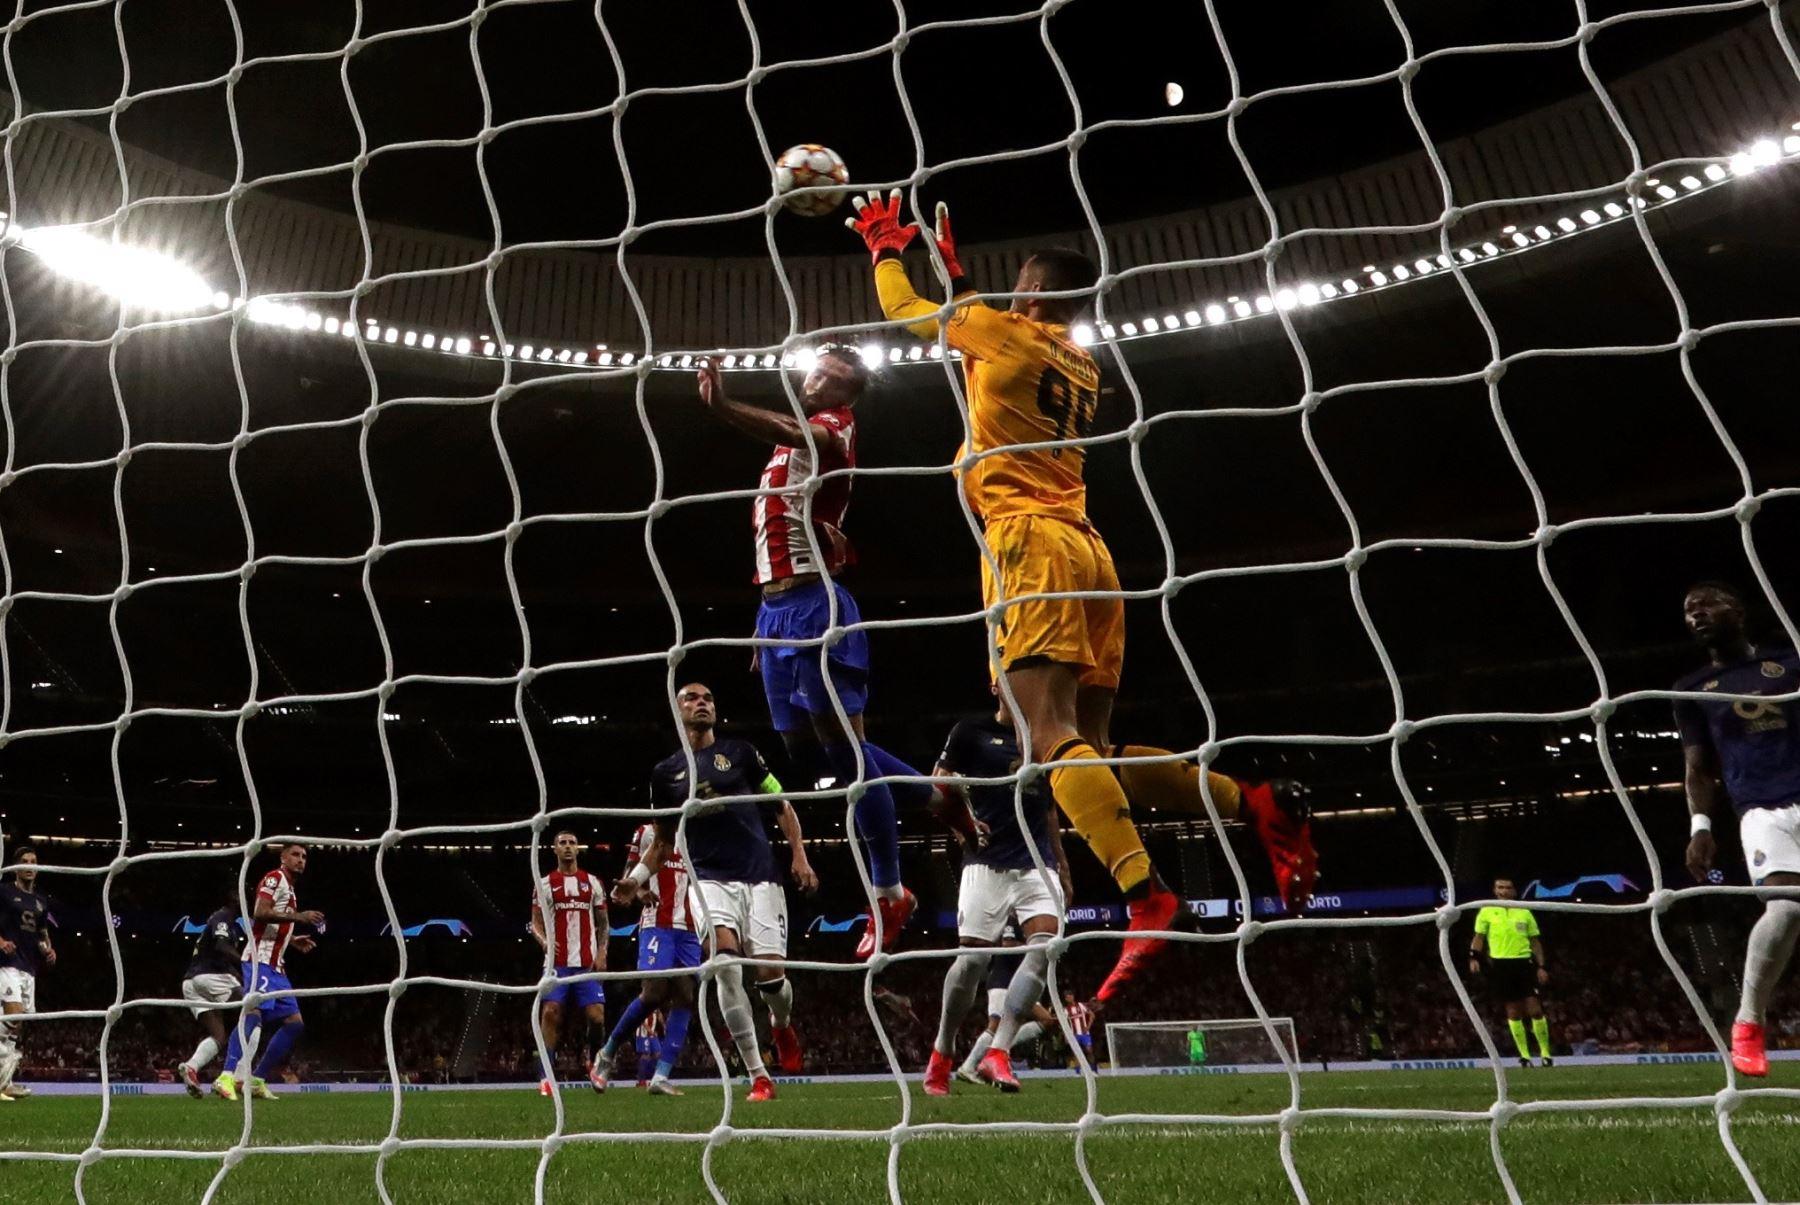 El portero del Oporto Diogo Costa detiene un balón ante Felipe Monteiro, del Atlético de Madrid, que disputan este miércoles en el Wanda Metropolitano. EFE/Juanjo Martín